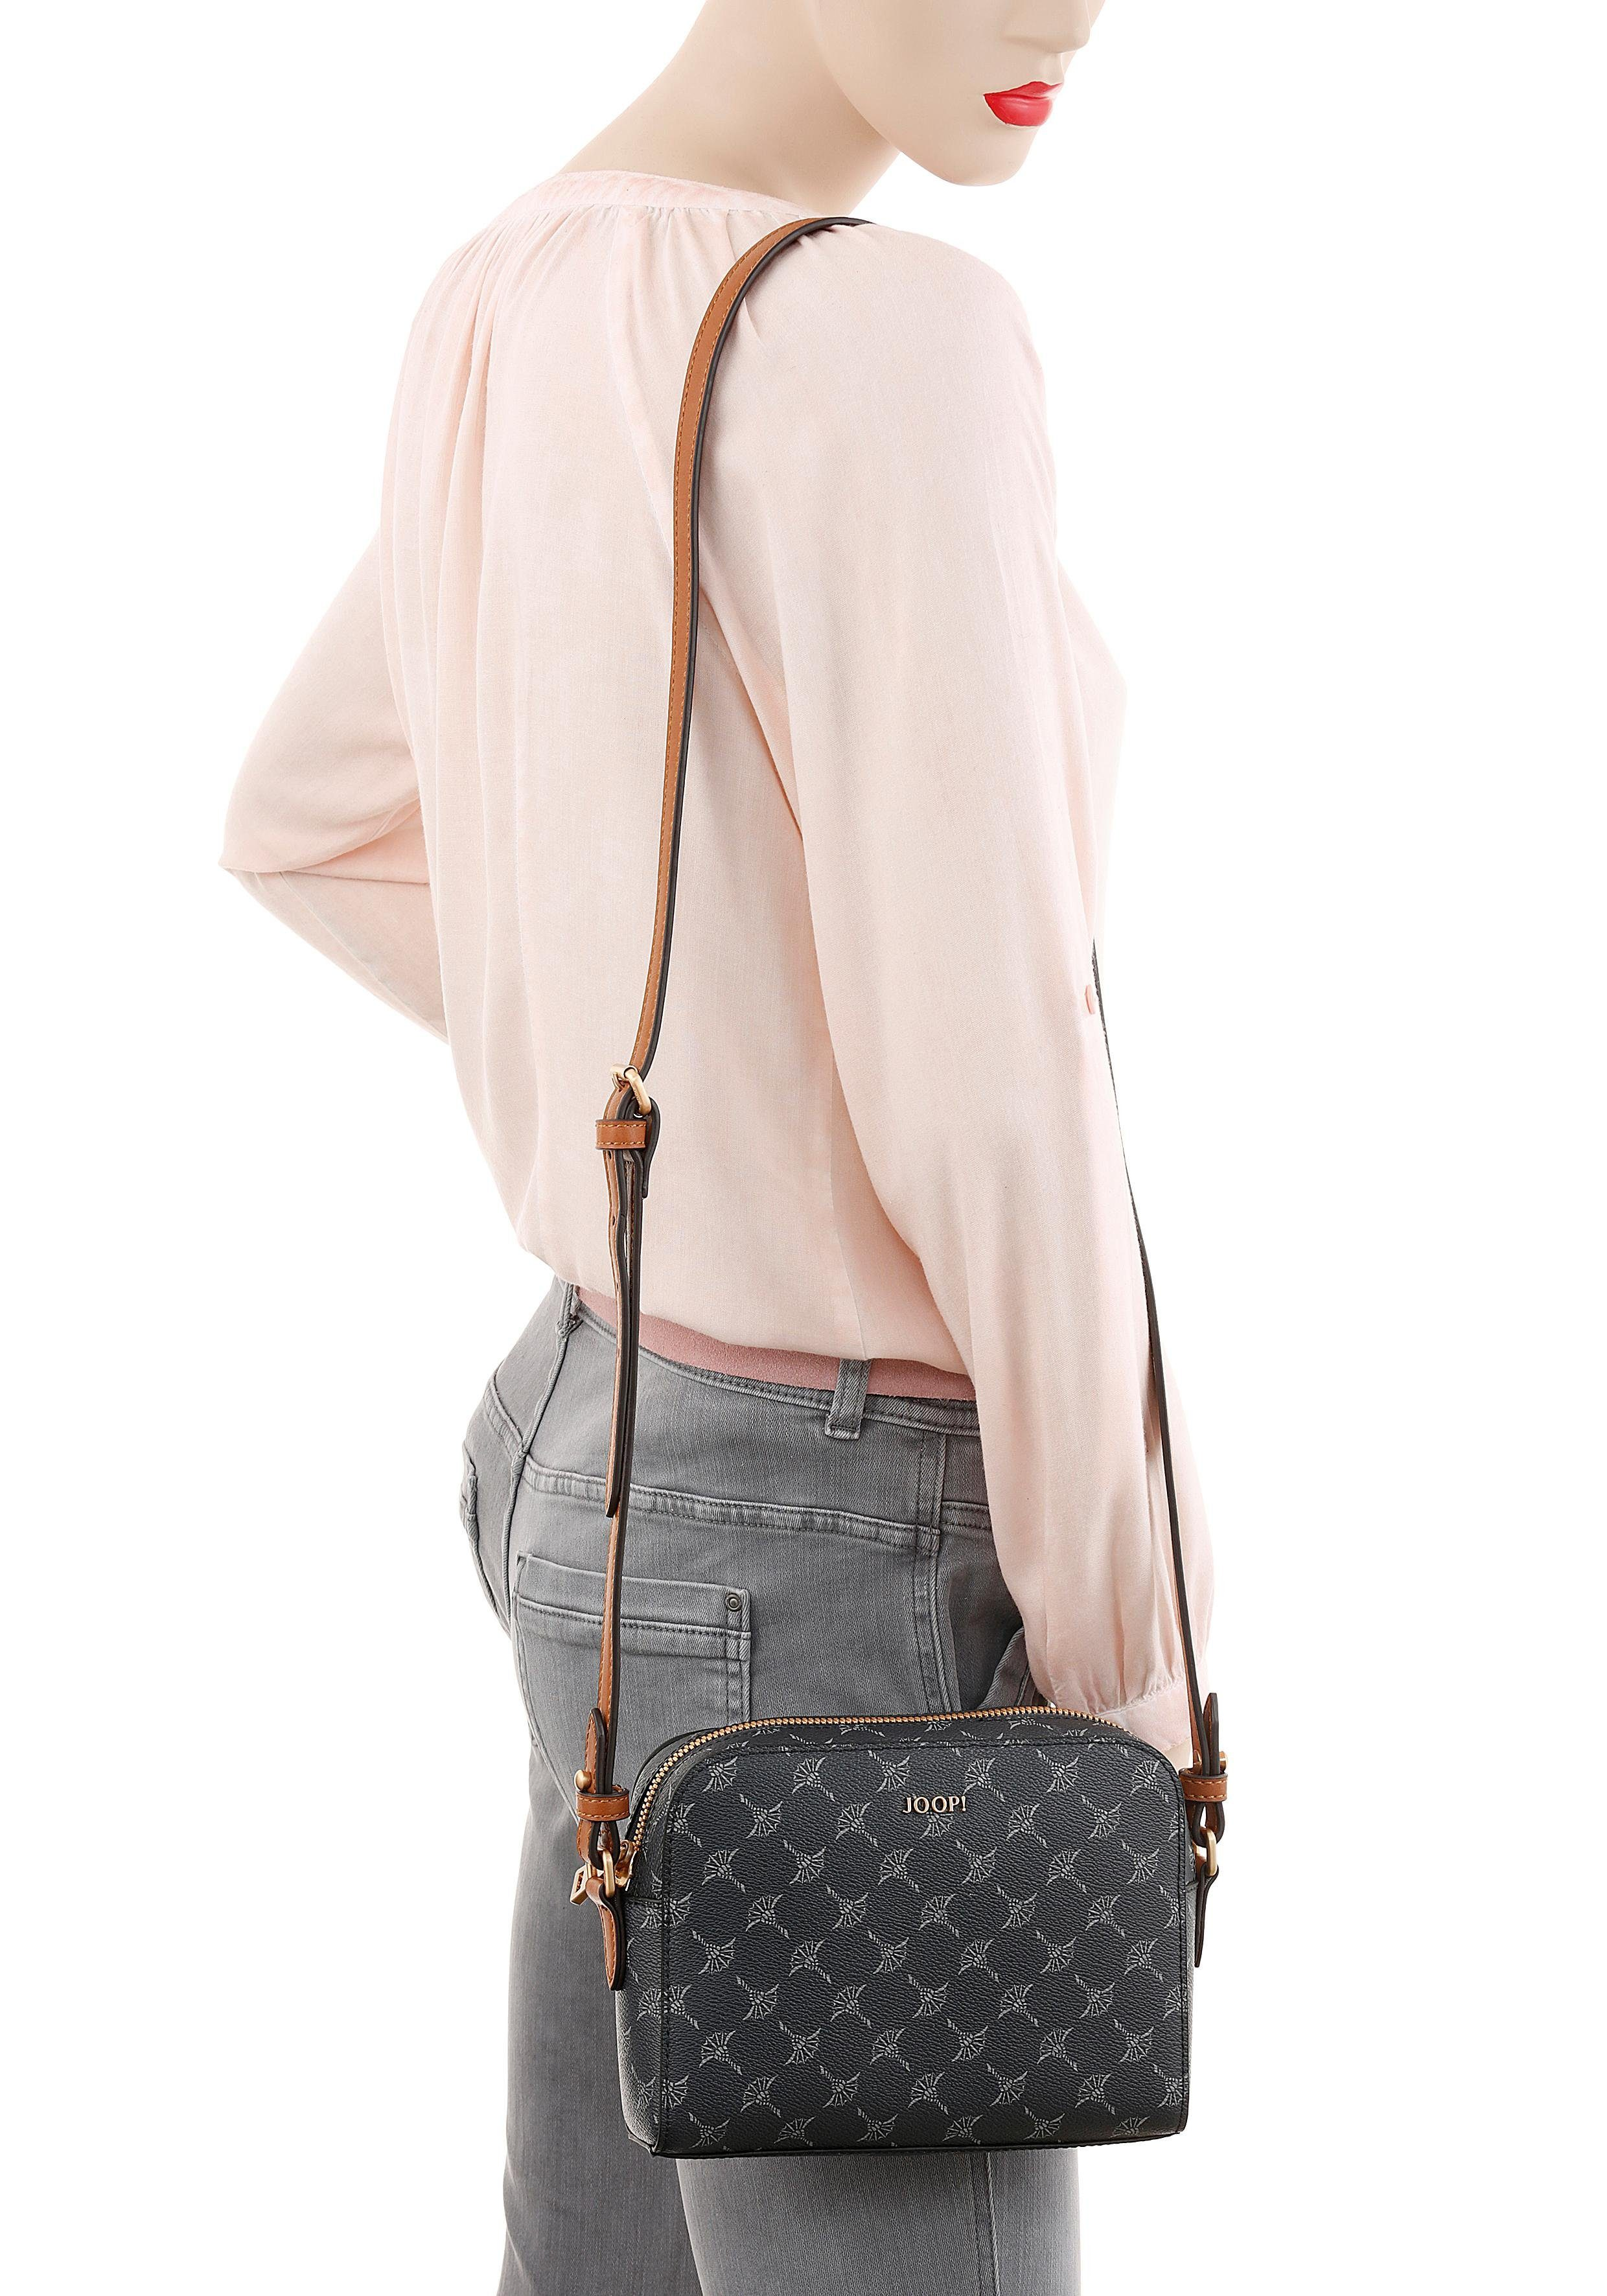 Mit Bag Mini Joop »cortina Allover Cloe« print 6zS6qn7